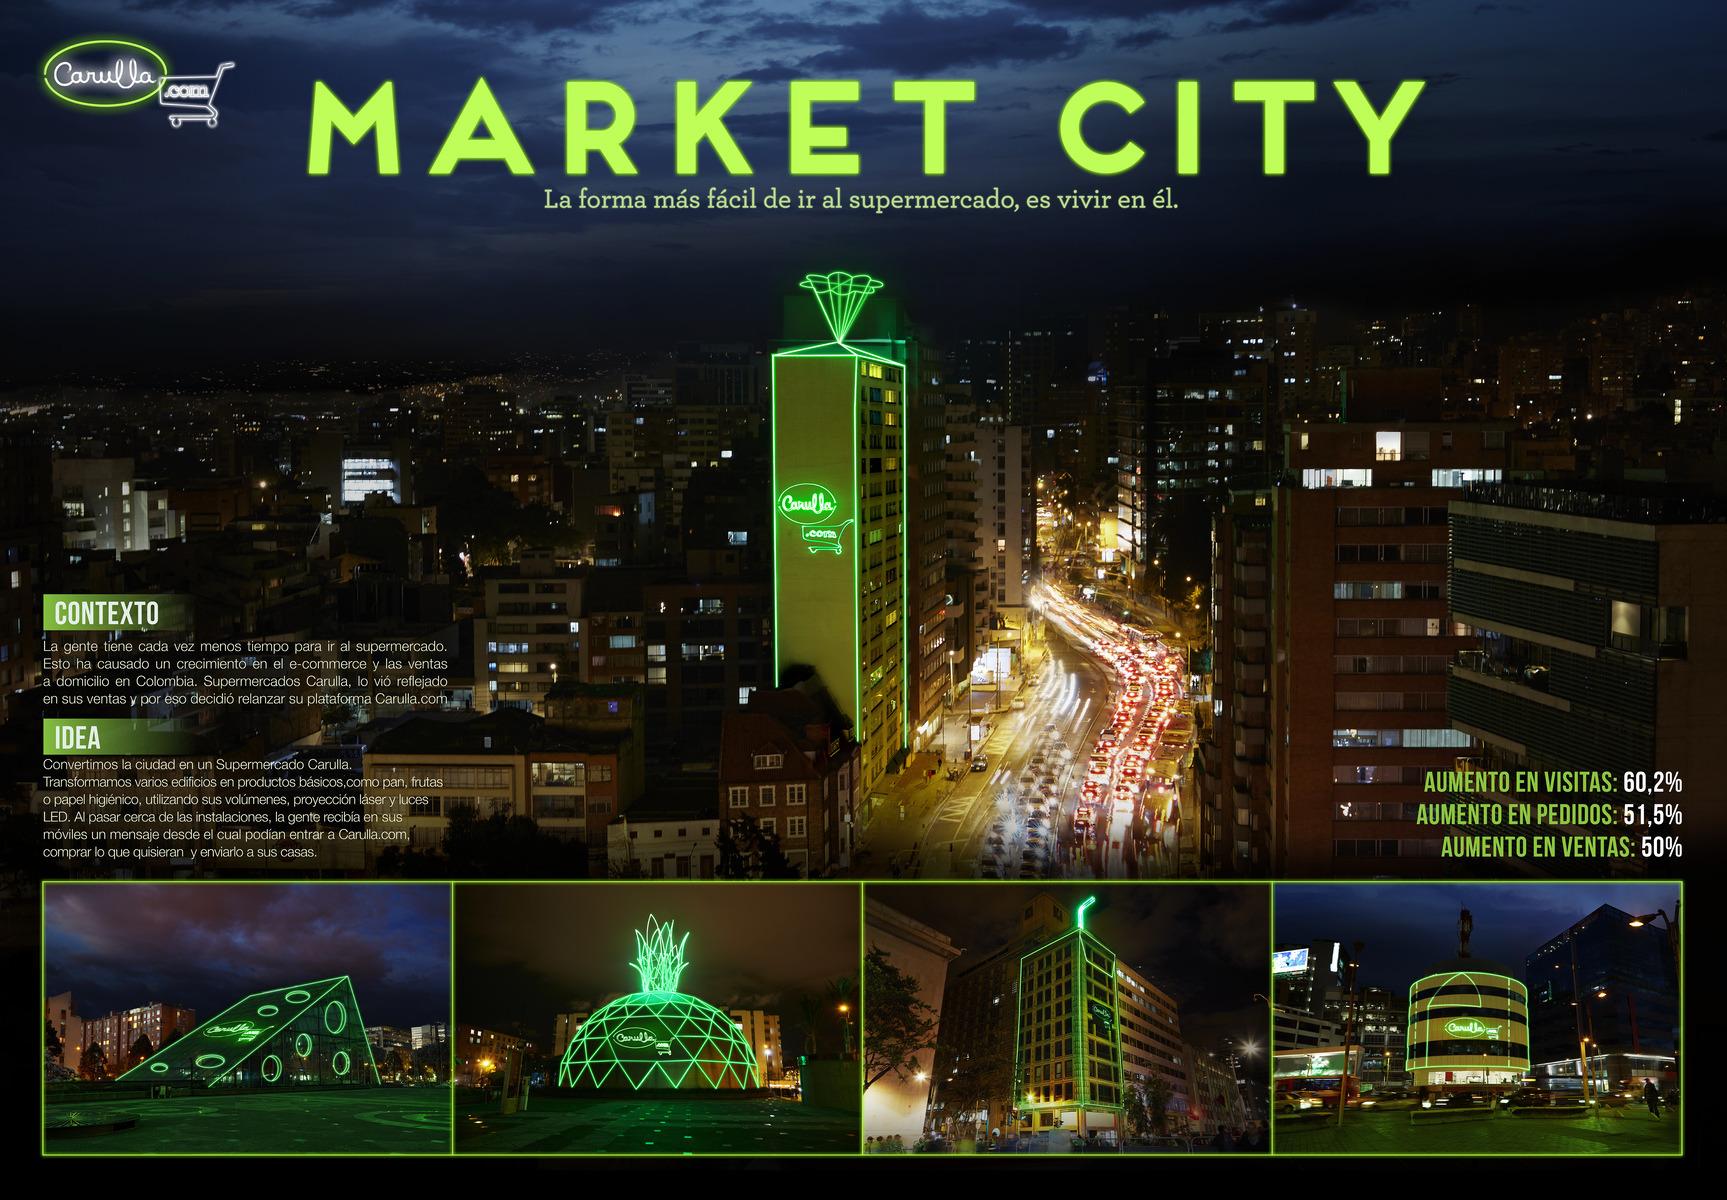 Market City - Carulla